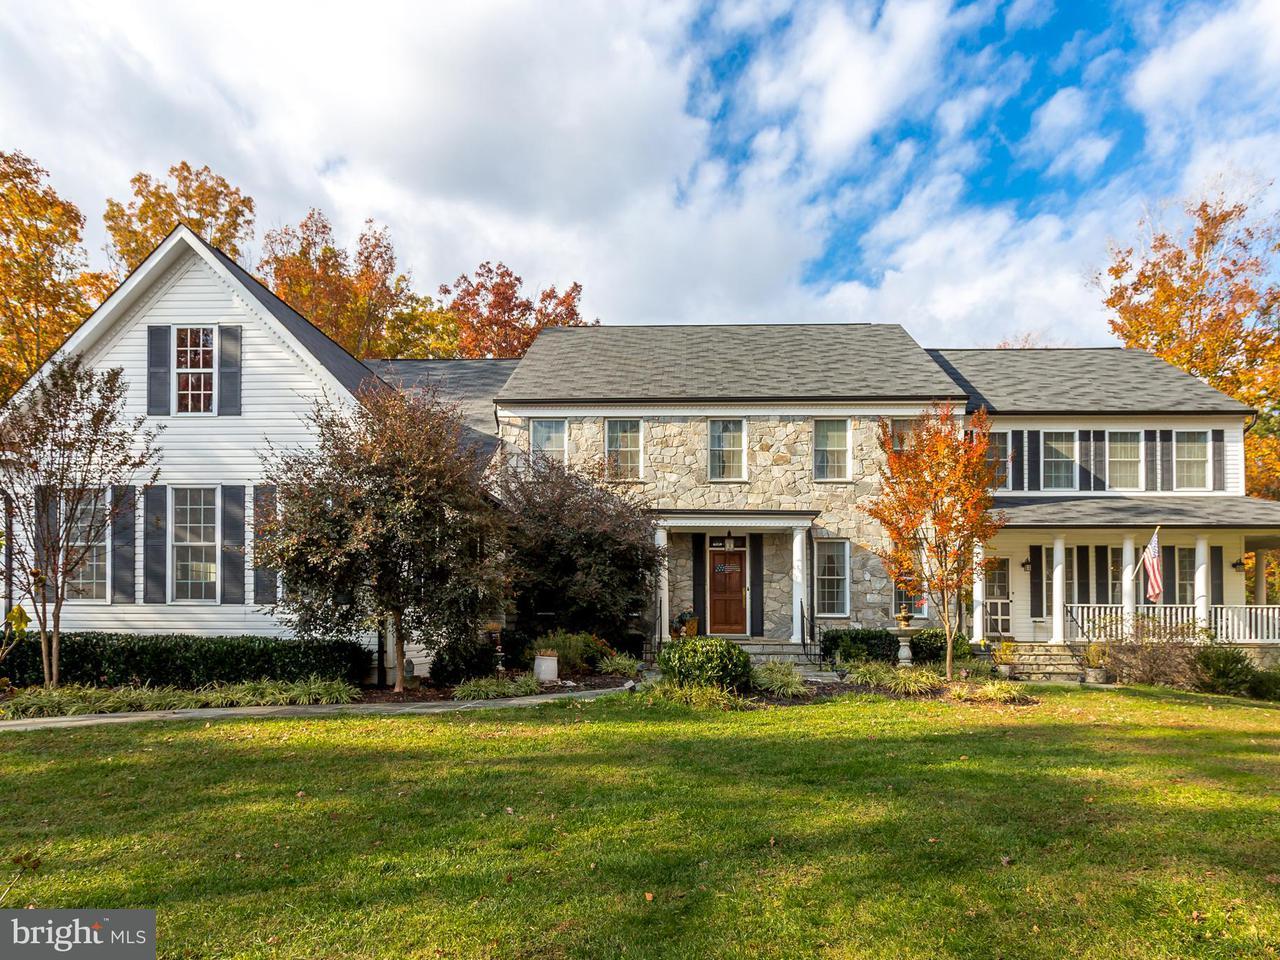 獨棟家庭住宅 為 出售 在 100 Falling Creek Drive 100 Falling Creek Drive Stafford, 弗吉尼亞州 22554 美國